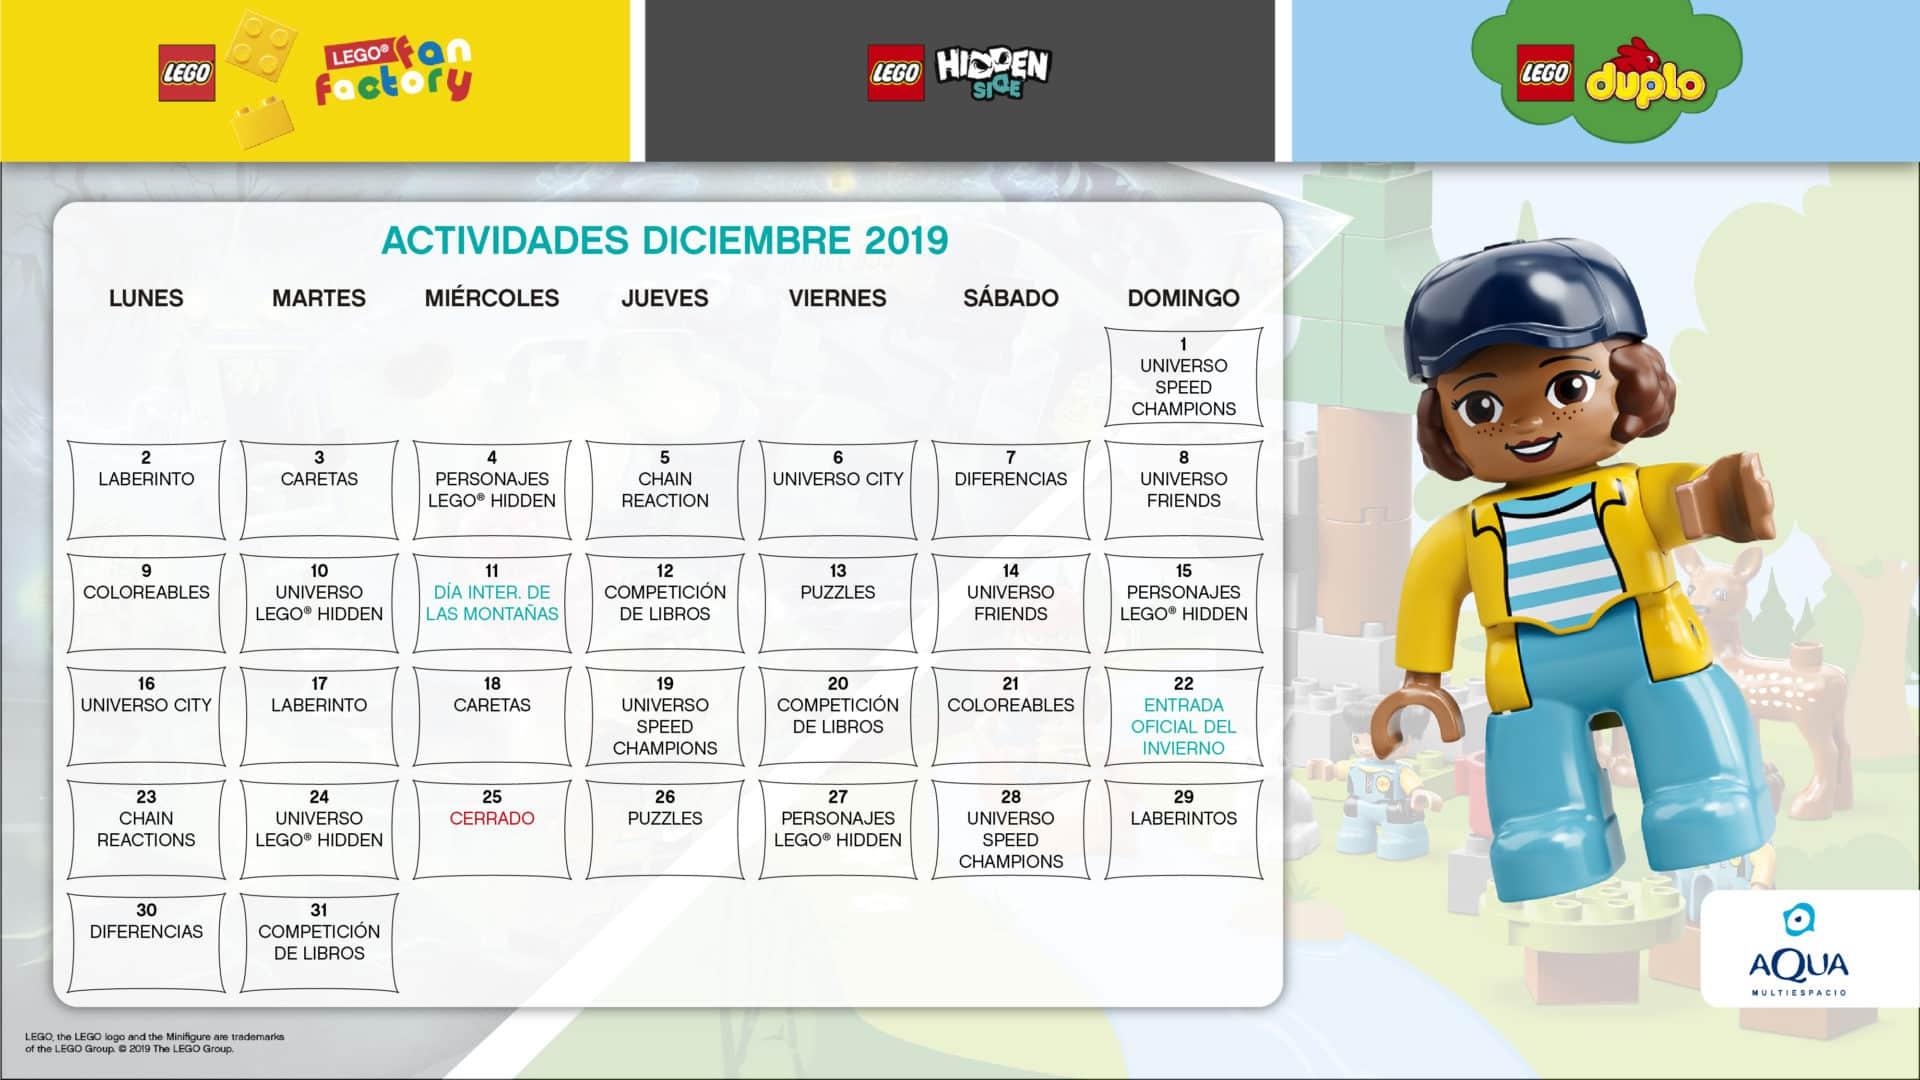 Lego diciembre